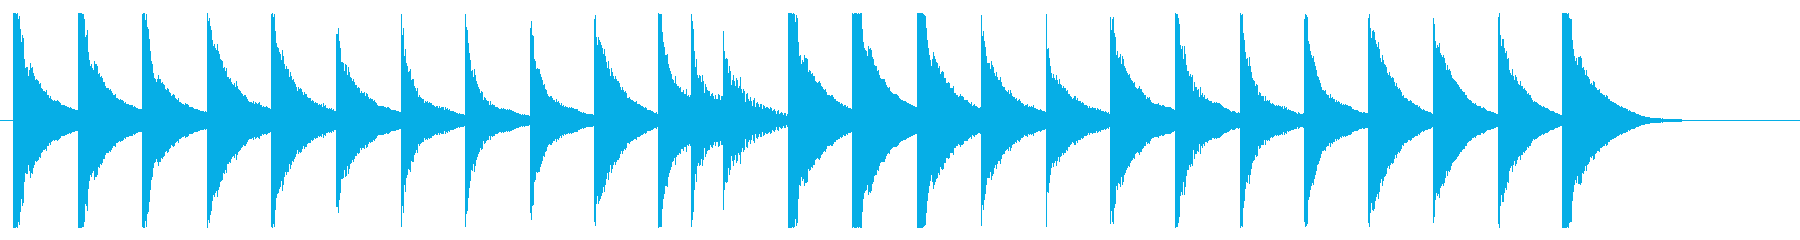 マリンバとグロッケンのシンプルなジングルの再生済みの波形